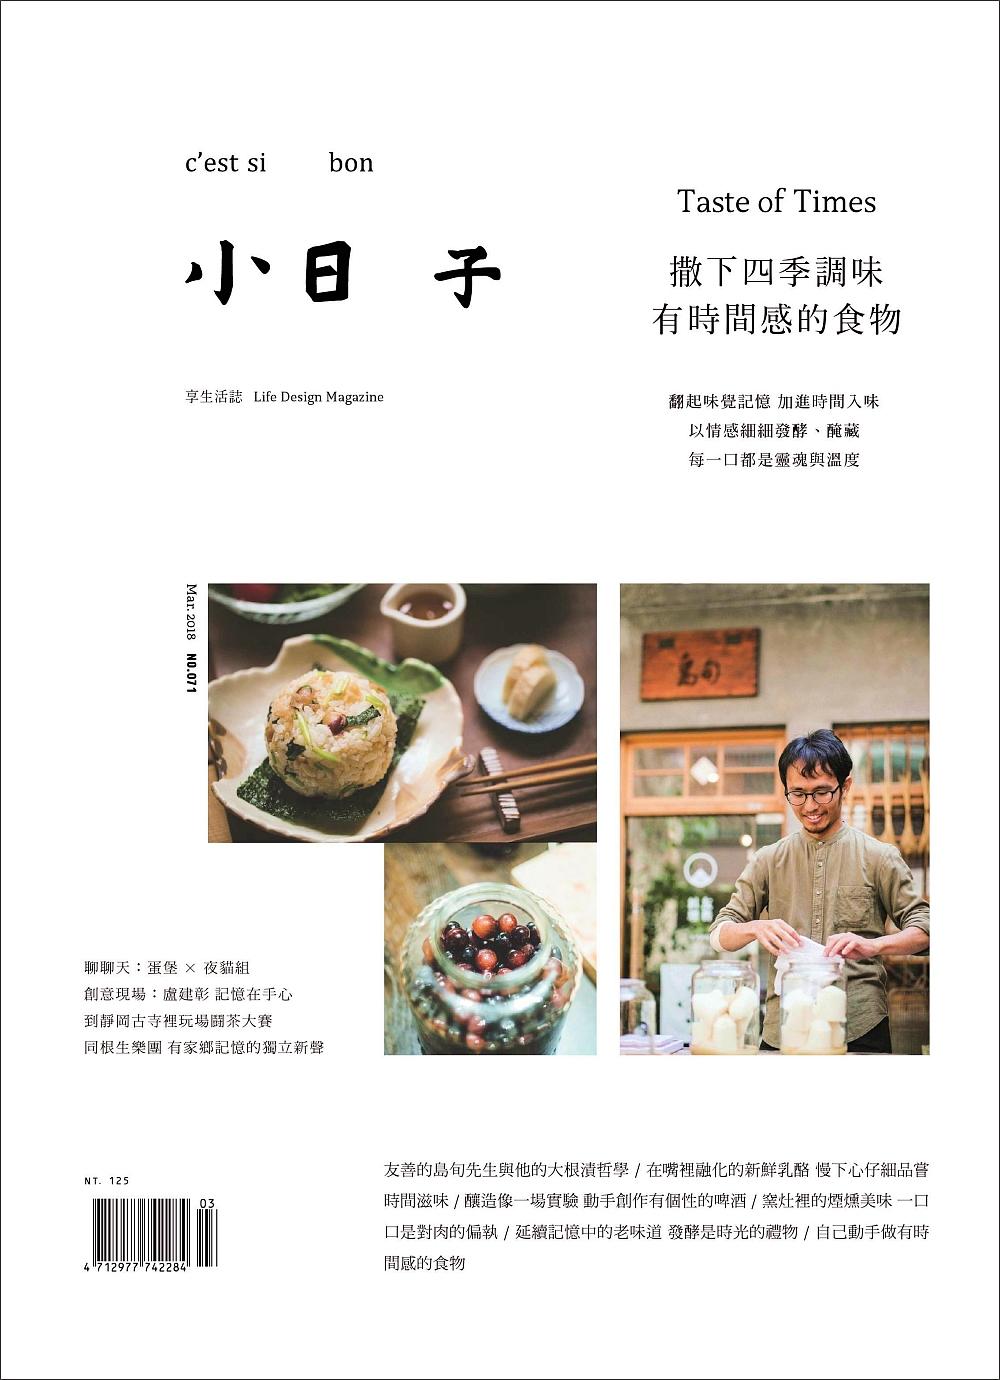 小日子享生活誌 3月號/2018 第71期+第58期 +一個人旅行購物袋